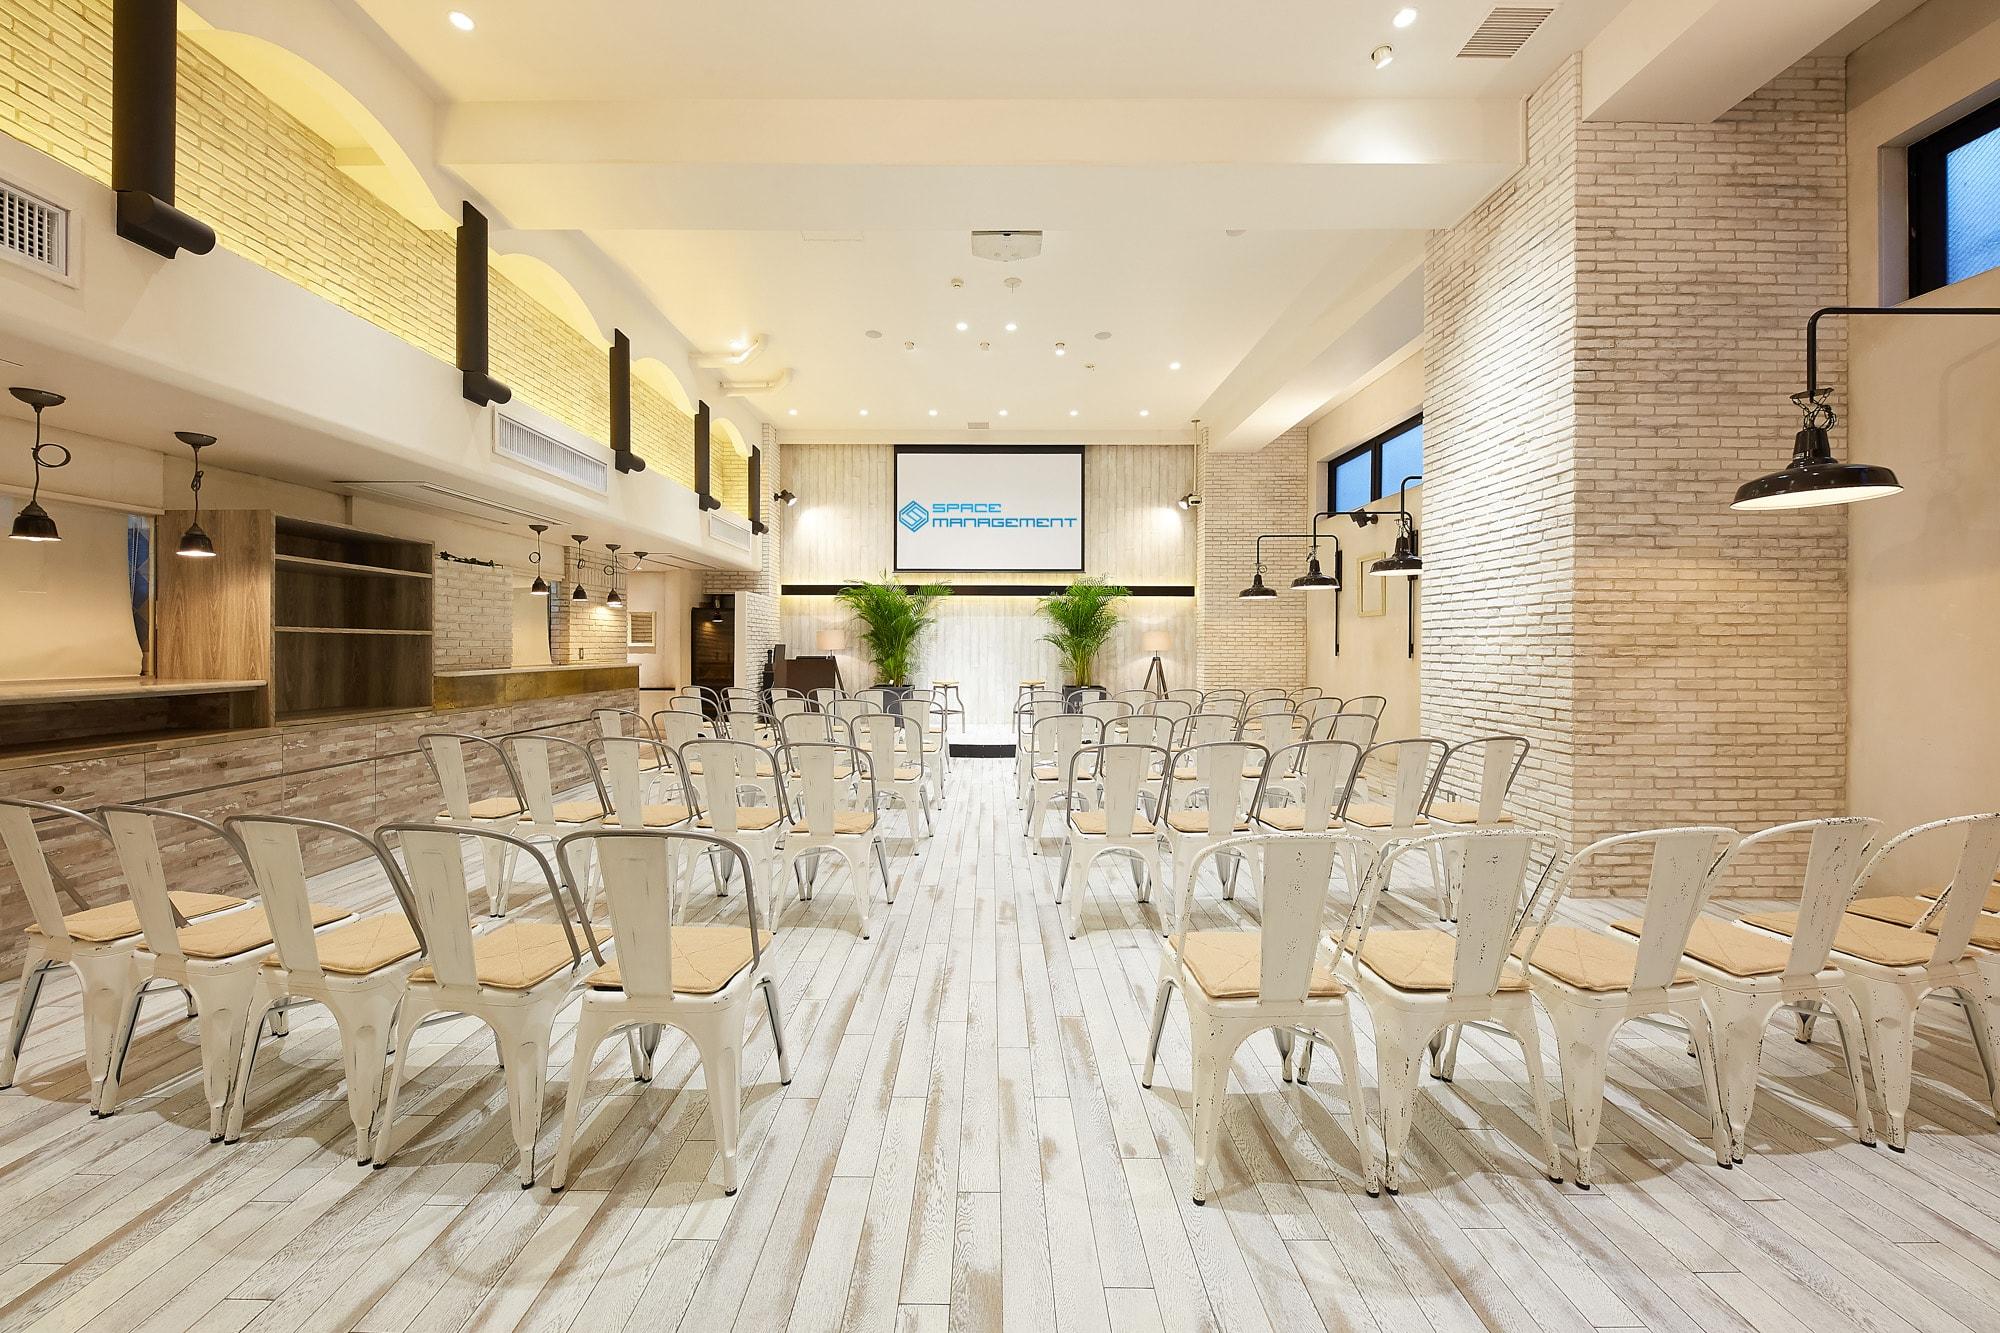 タイムシェアリングが誇る、100名以上収容可能な大型スペース4選|TIME SHARING|タイムシェアリング|スペースマネジメント|あどばる|adval|SHARING